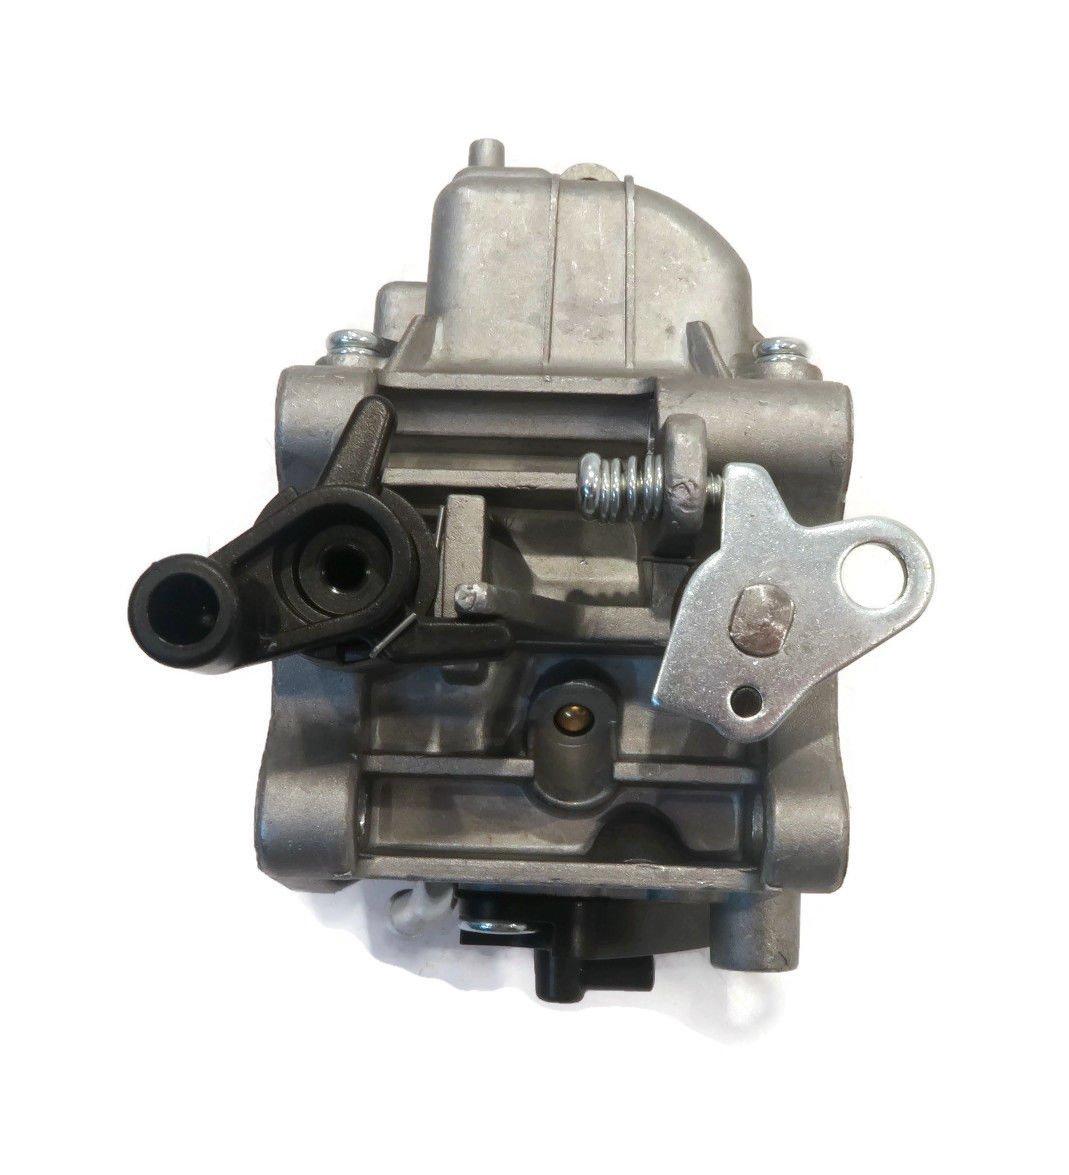 Facaing Carburetor Carb for Honda Replacement GXV530R GXV530U DXA1 DXA2 JXA3 PXA1 QEA3 EXA1 Engines